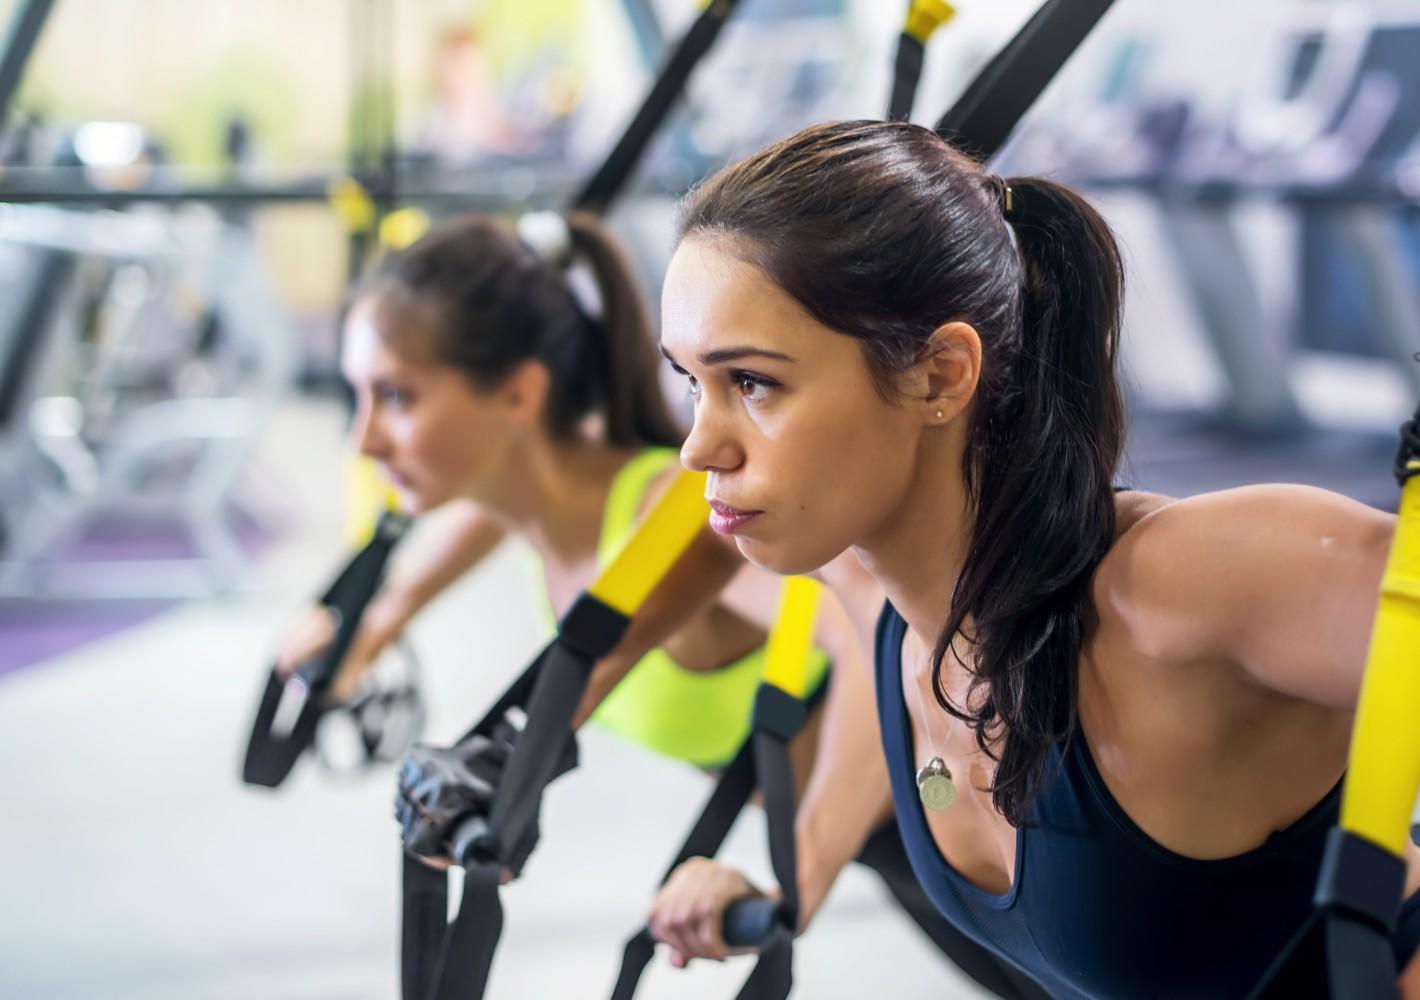 Vahva ja voimakas ylävartalo Kehonpainoharjoittelulla